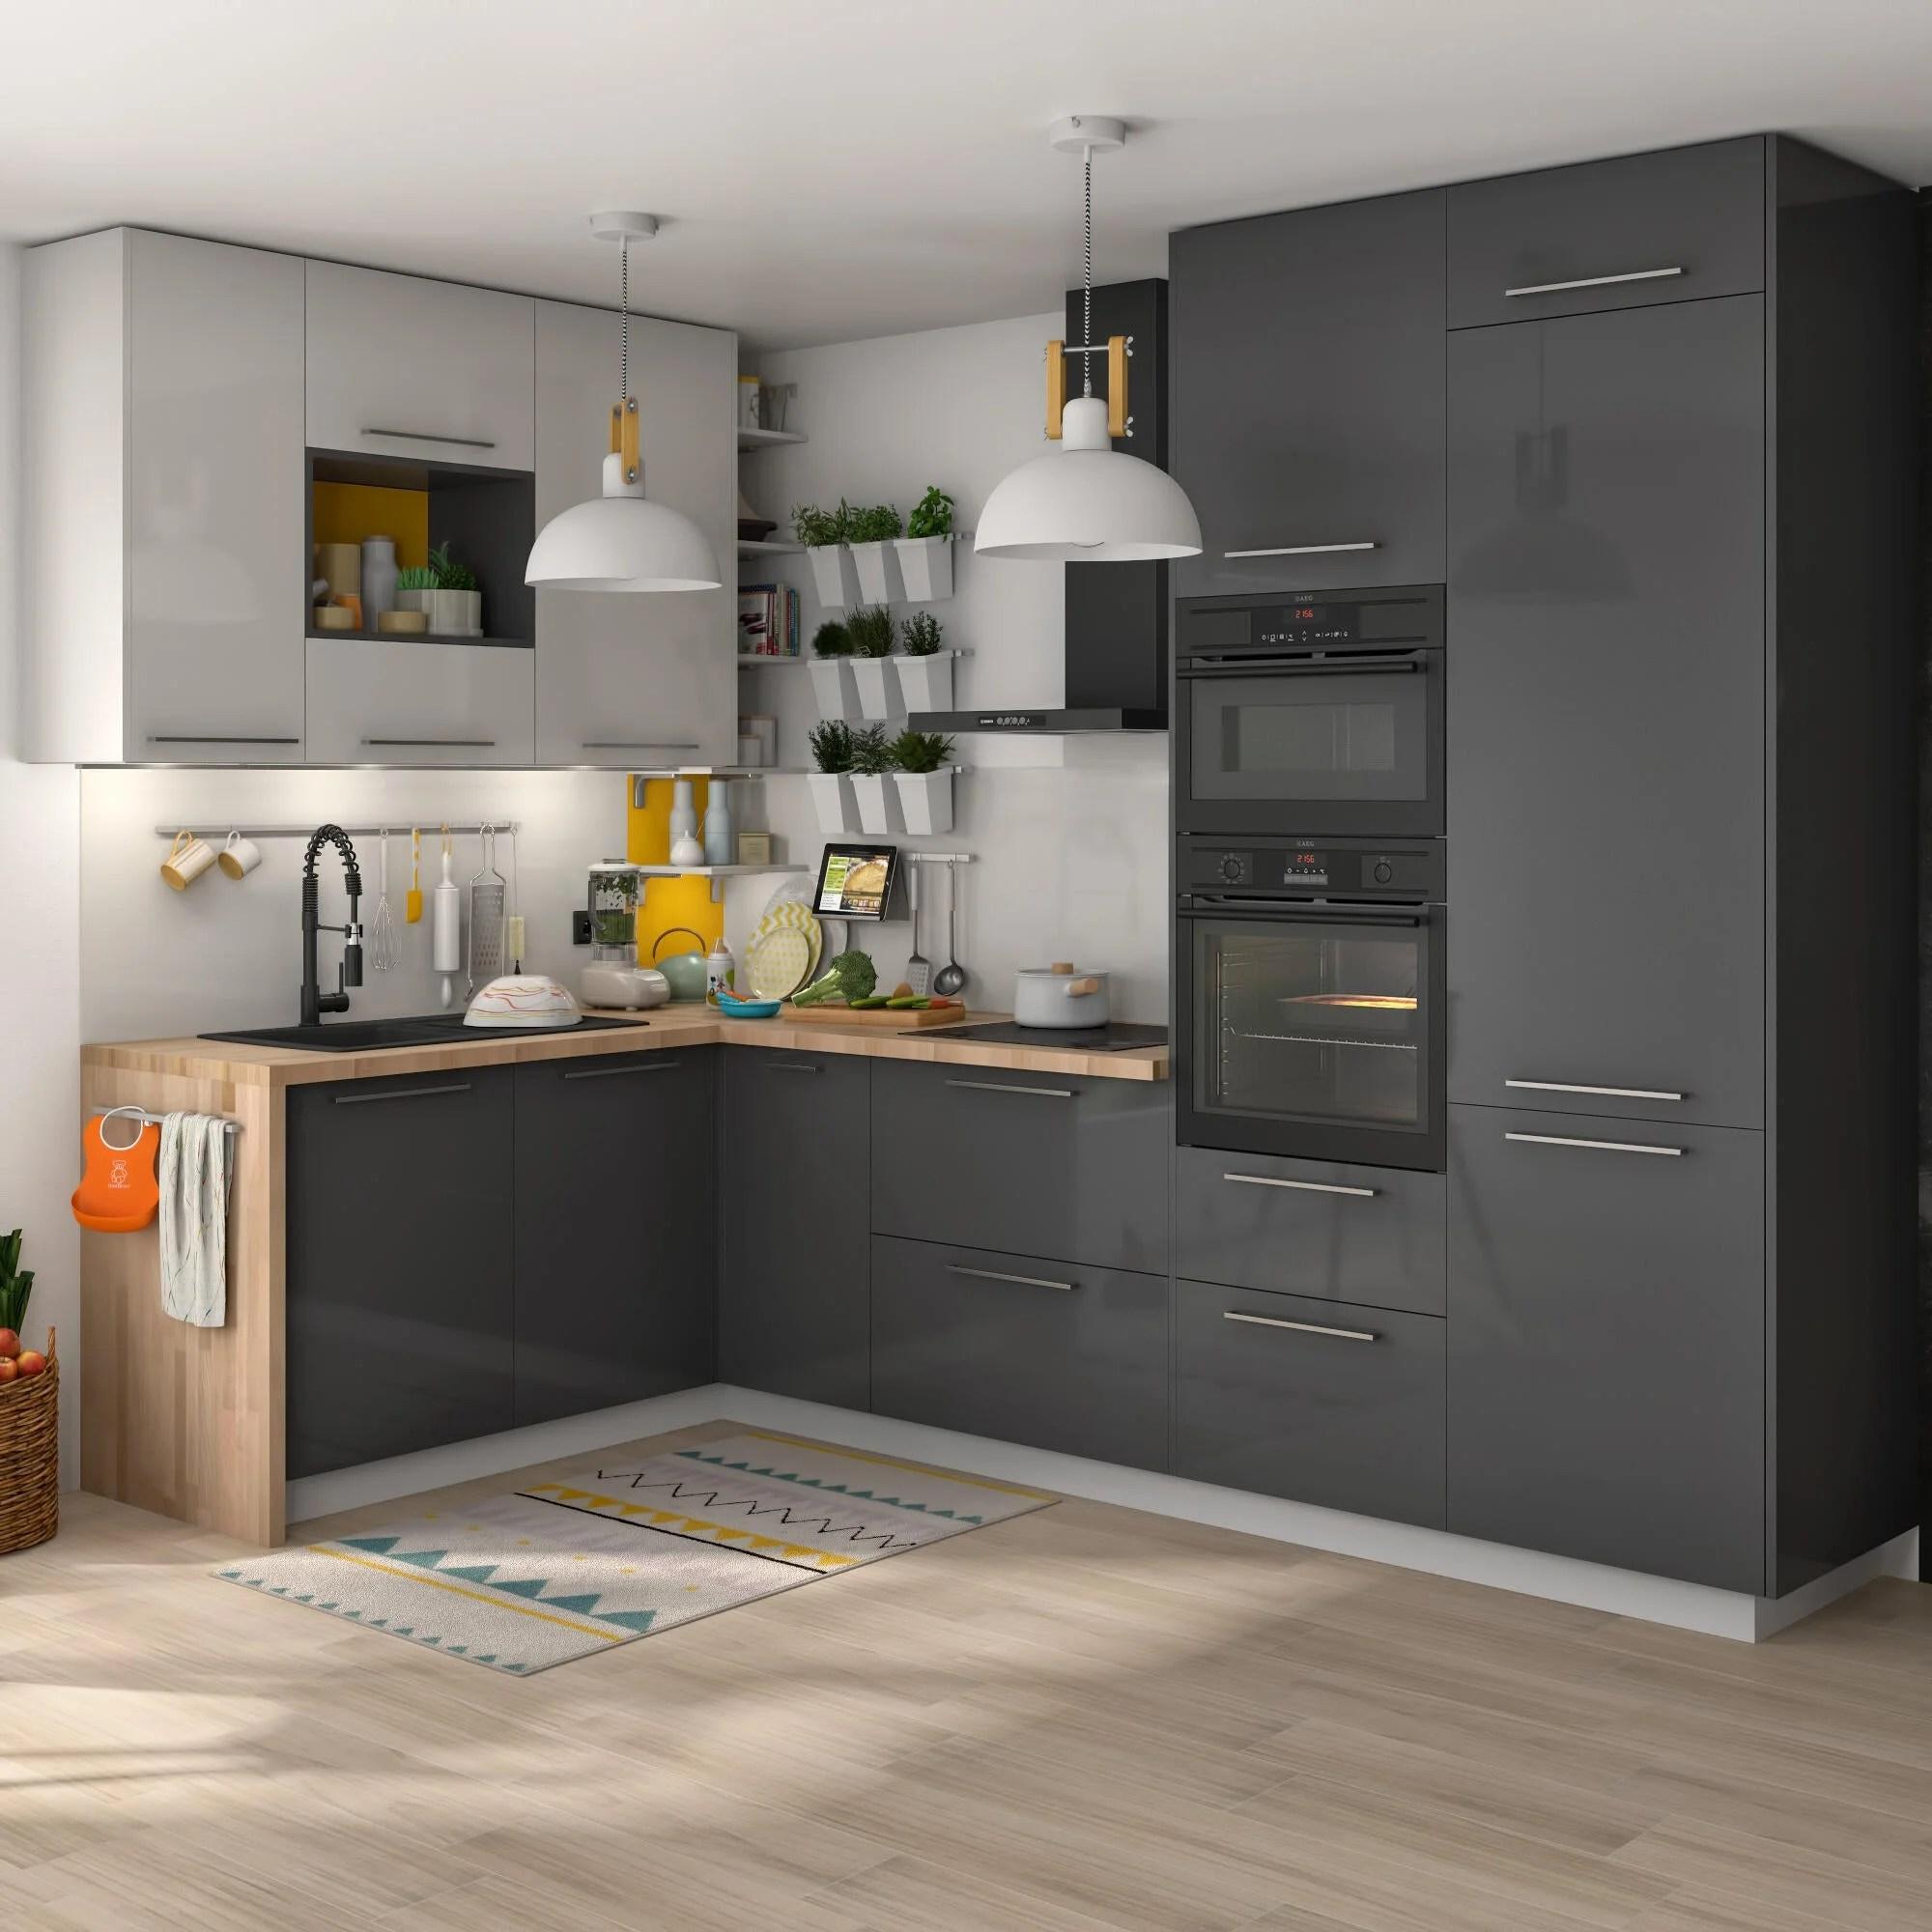 Vai sul sito www.leroymerlin.it/cucine, scopri l'ampia scelta di cucine delinia e i dettagli di ognuna. Mobili Cucina Leroy Merlin